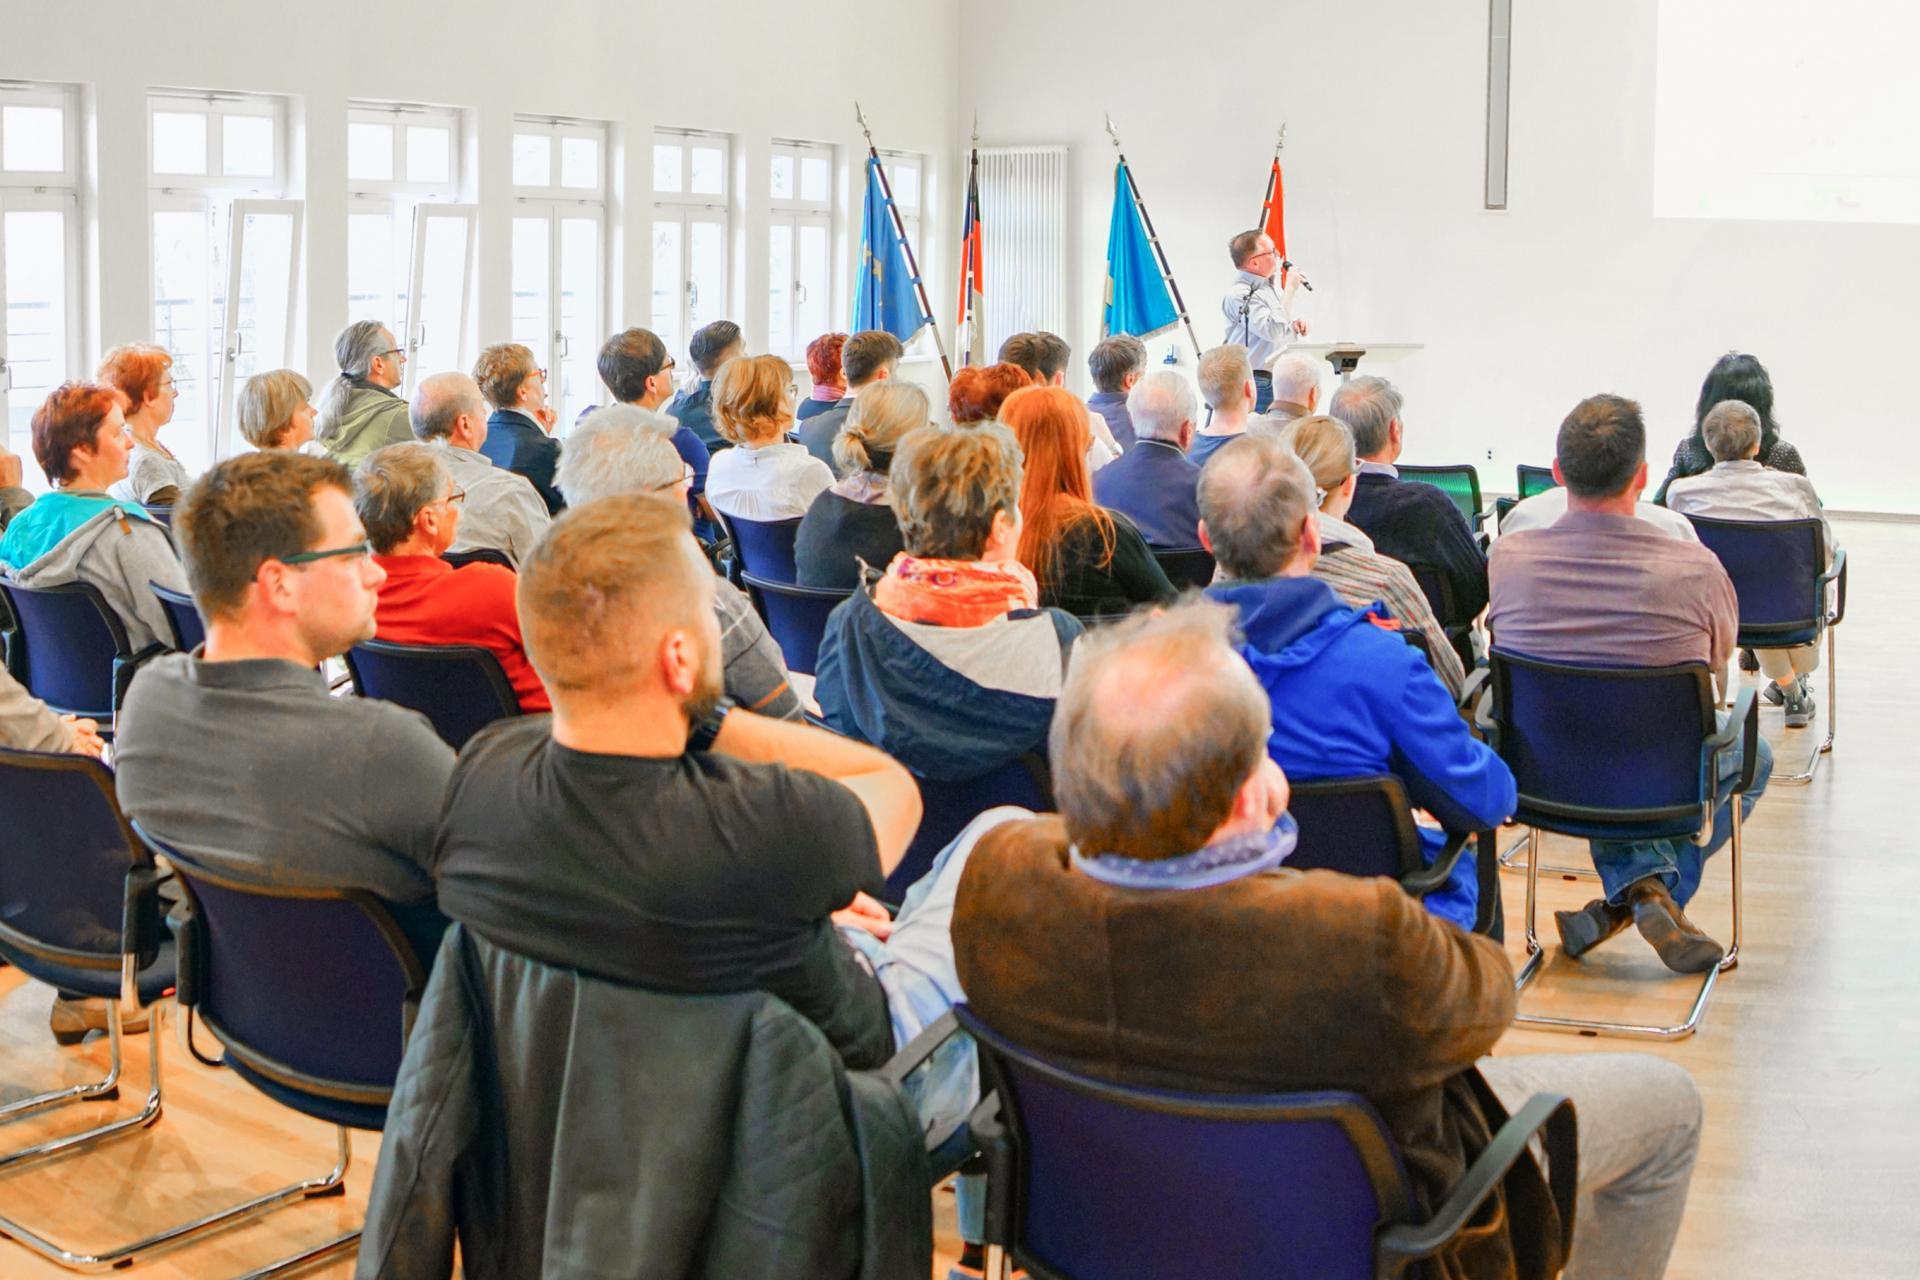 Archivfoto Stadtforum, Quelle: Stadt Lübbenau/Spreewald